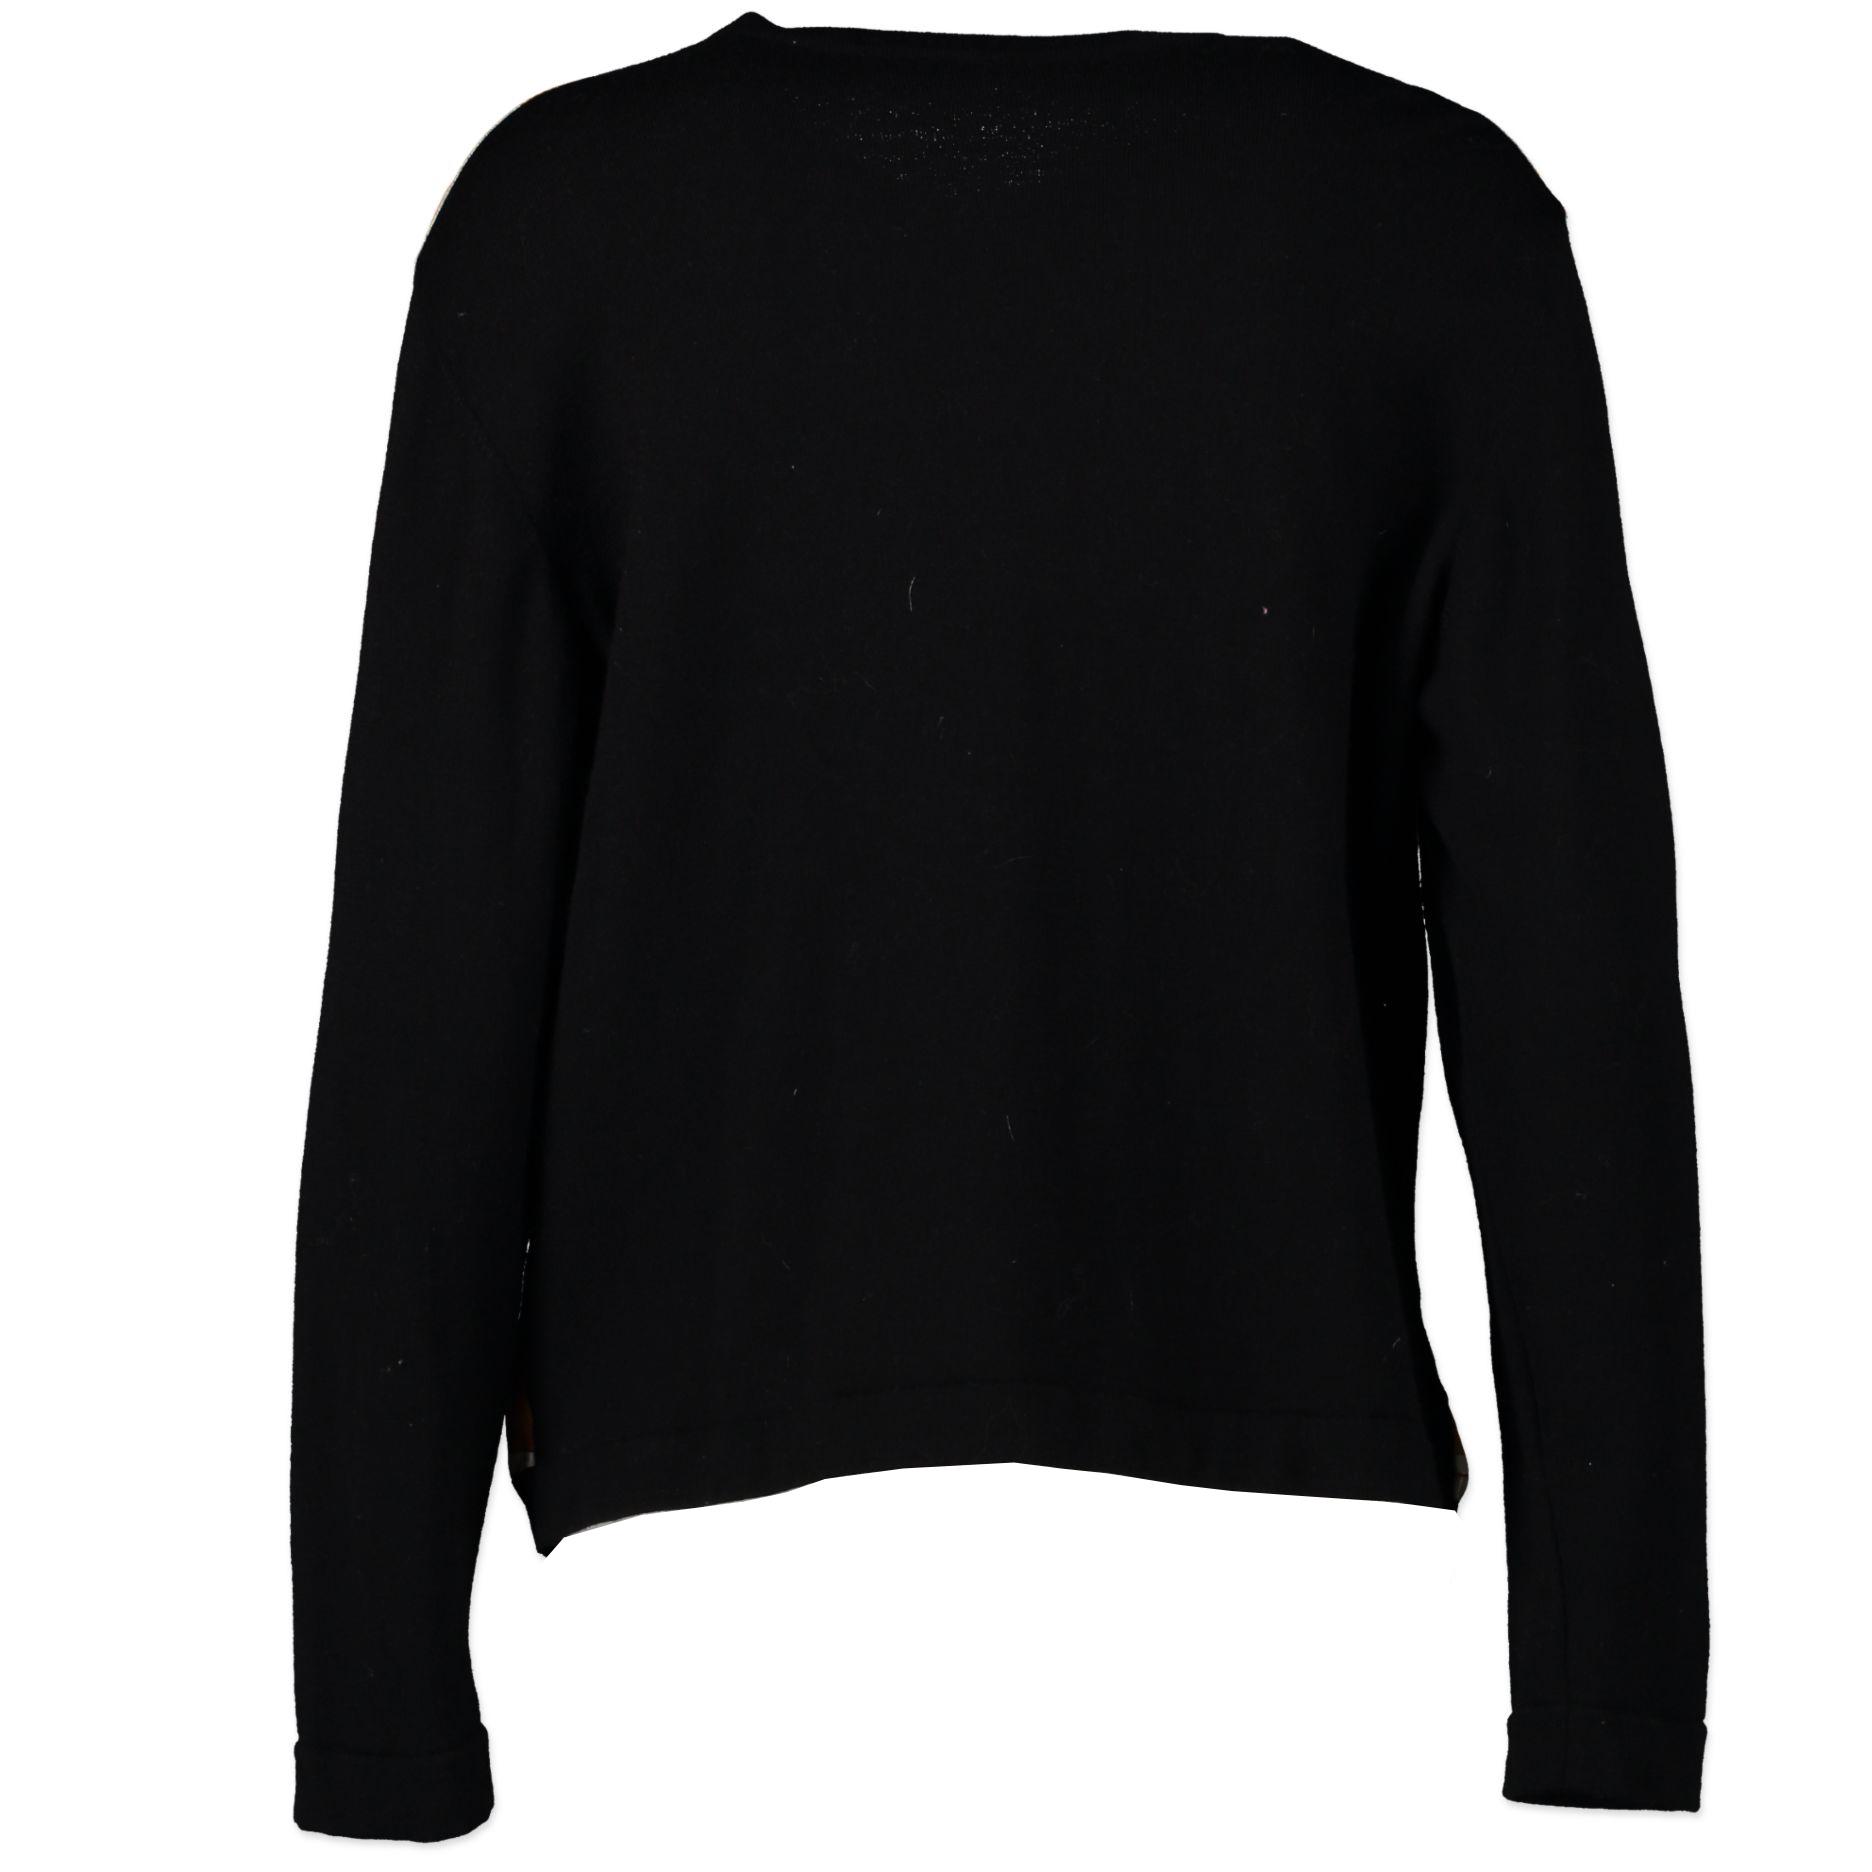 Hermès Scarf Cardigan - Size 48